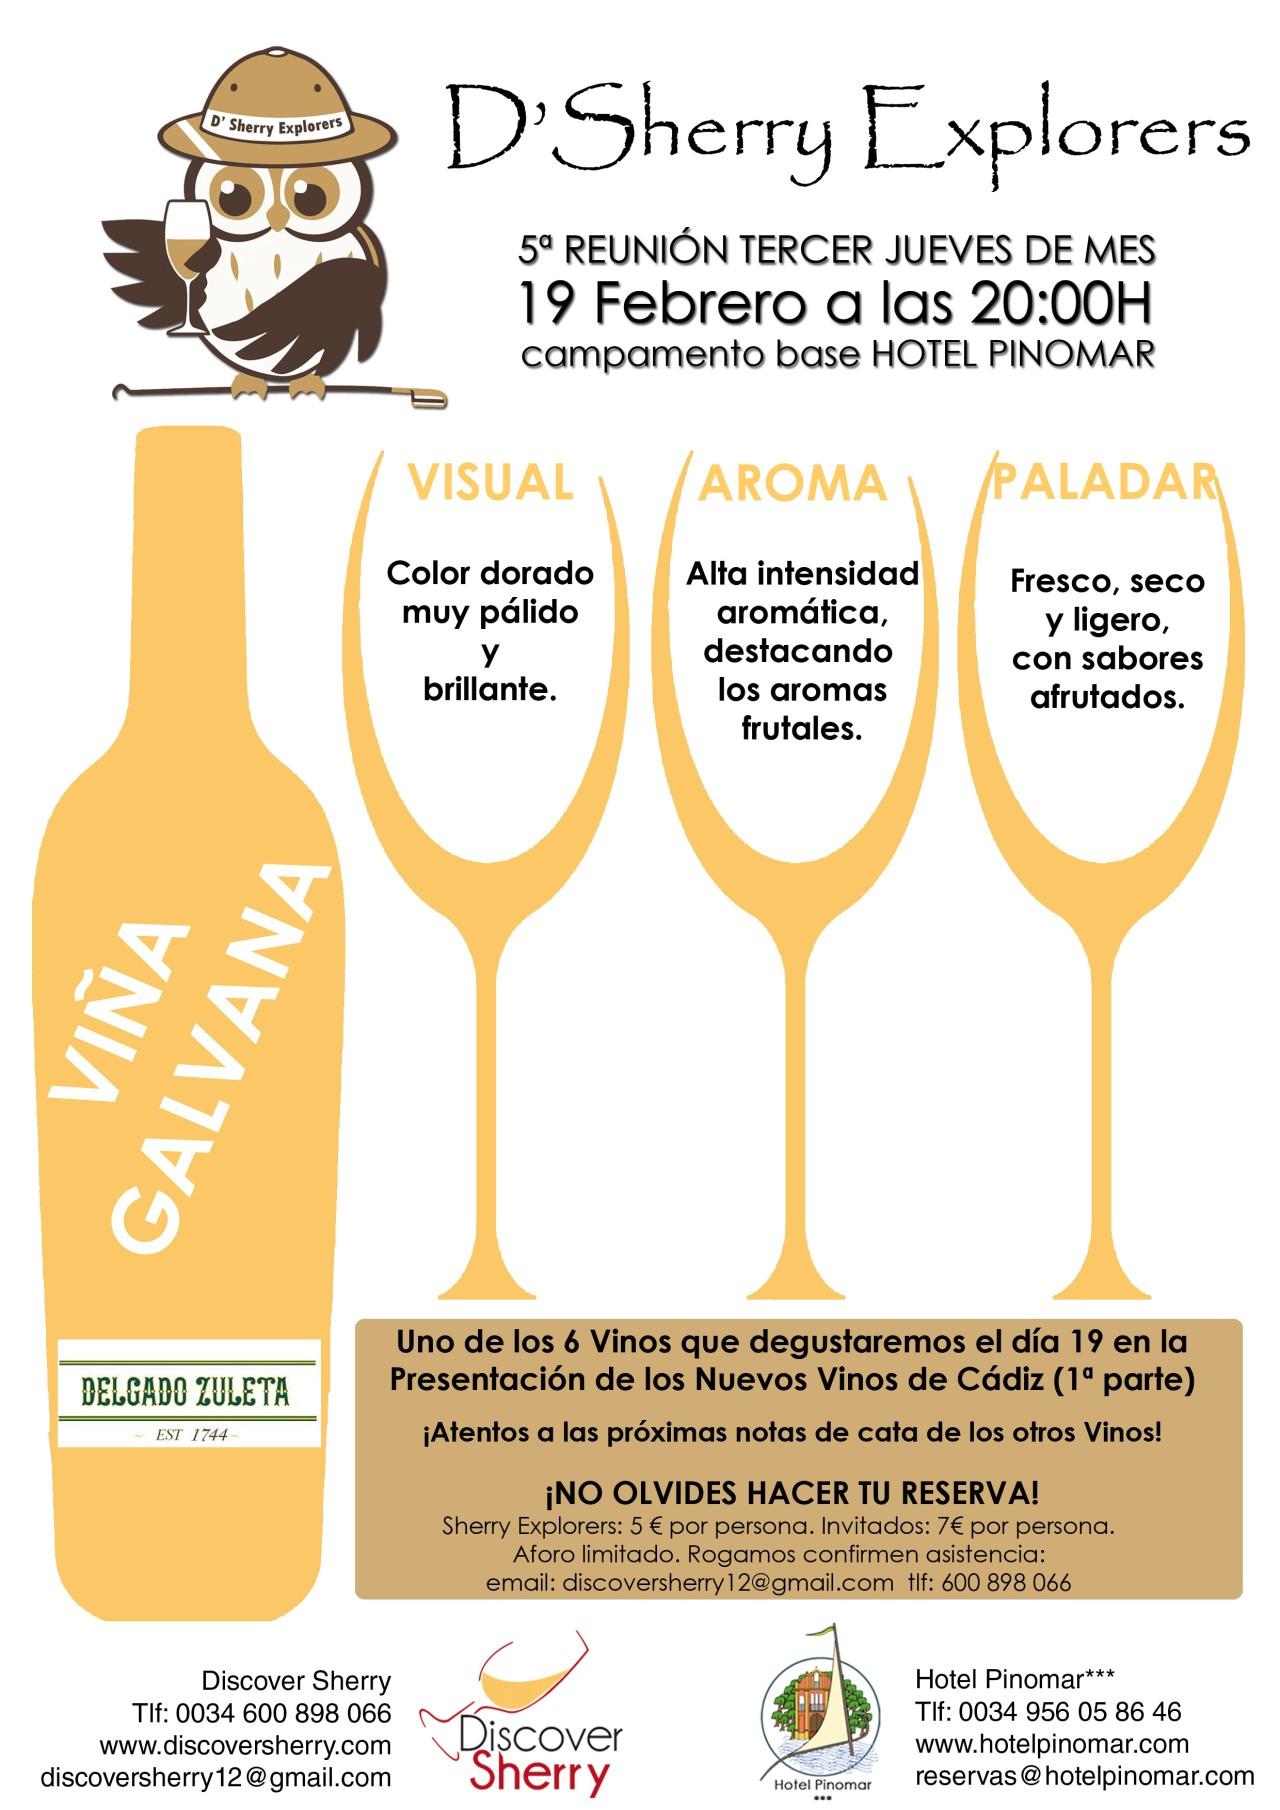 Los nuevos vinos de Cádiz: ViñaGalvana